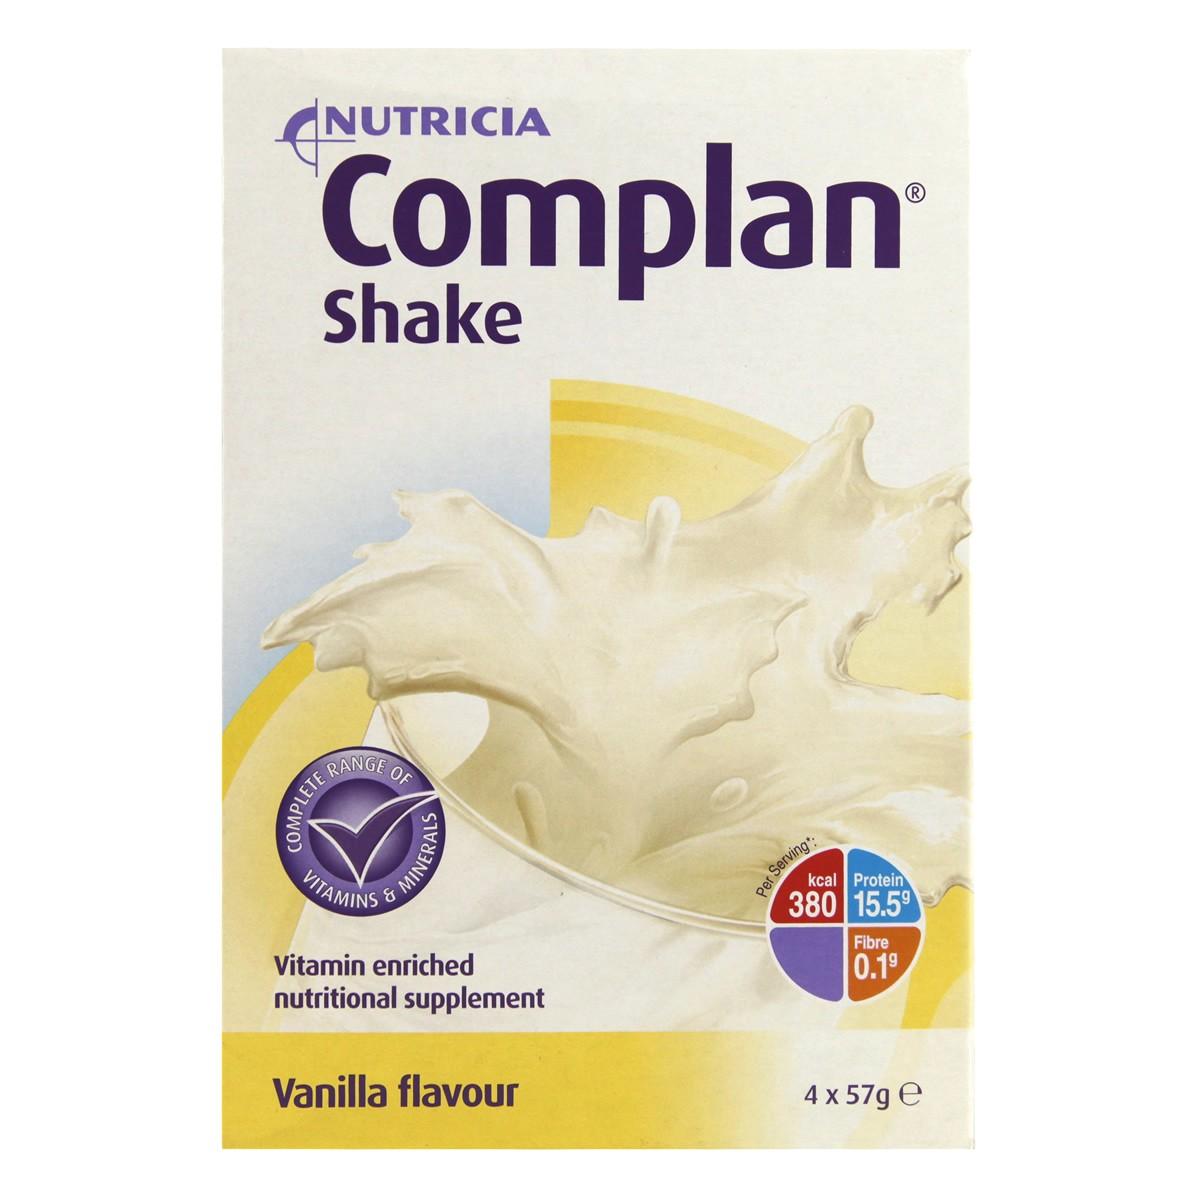 Complan Shake Vanilla Flavour